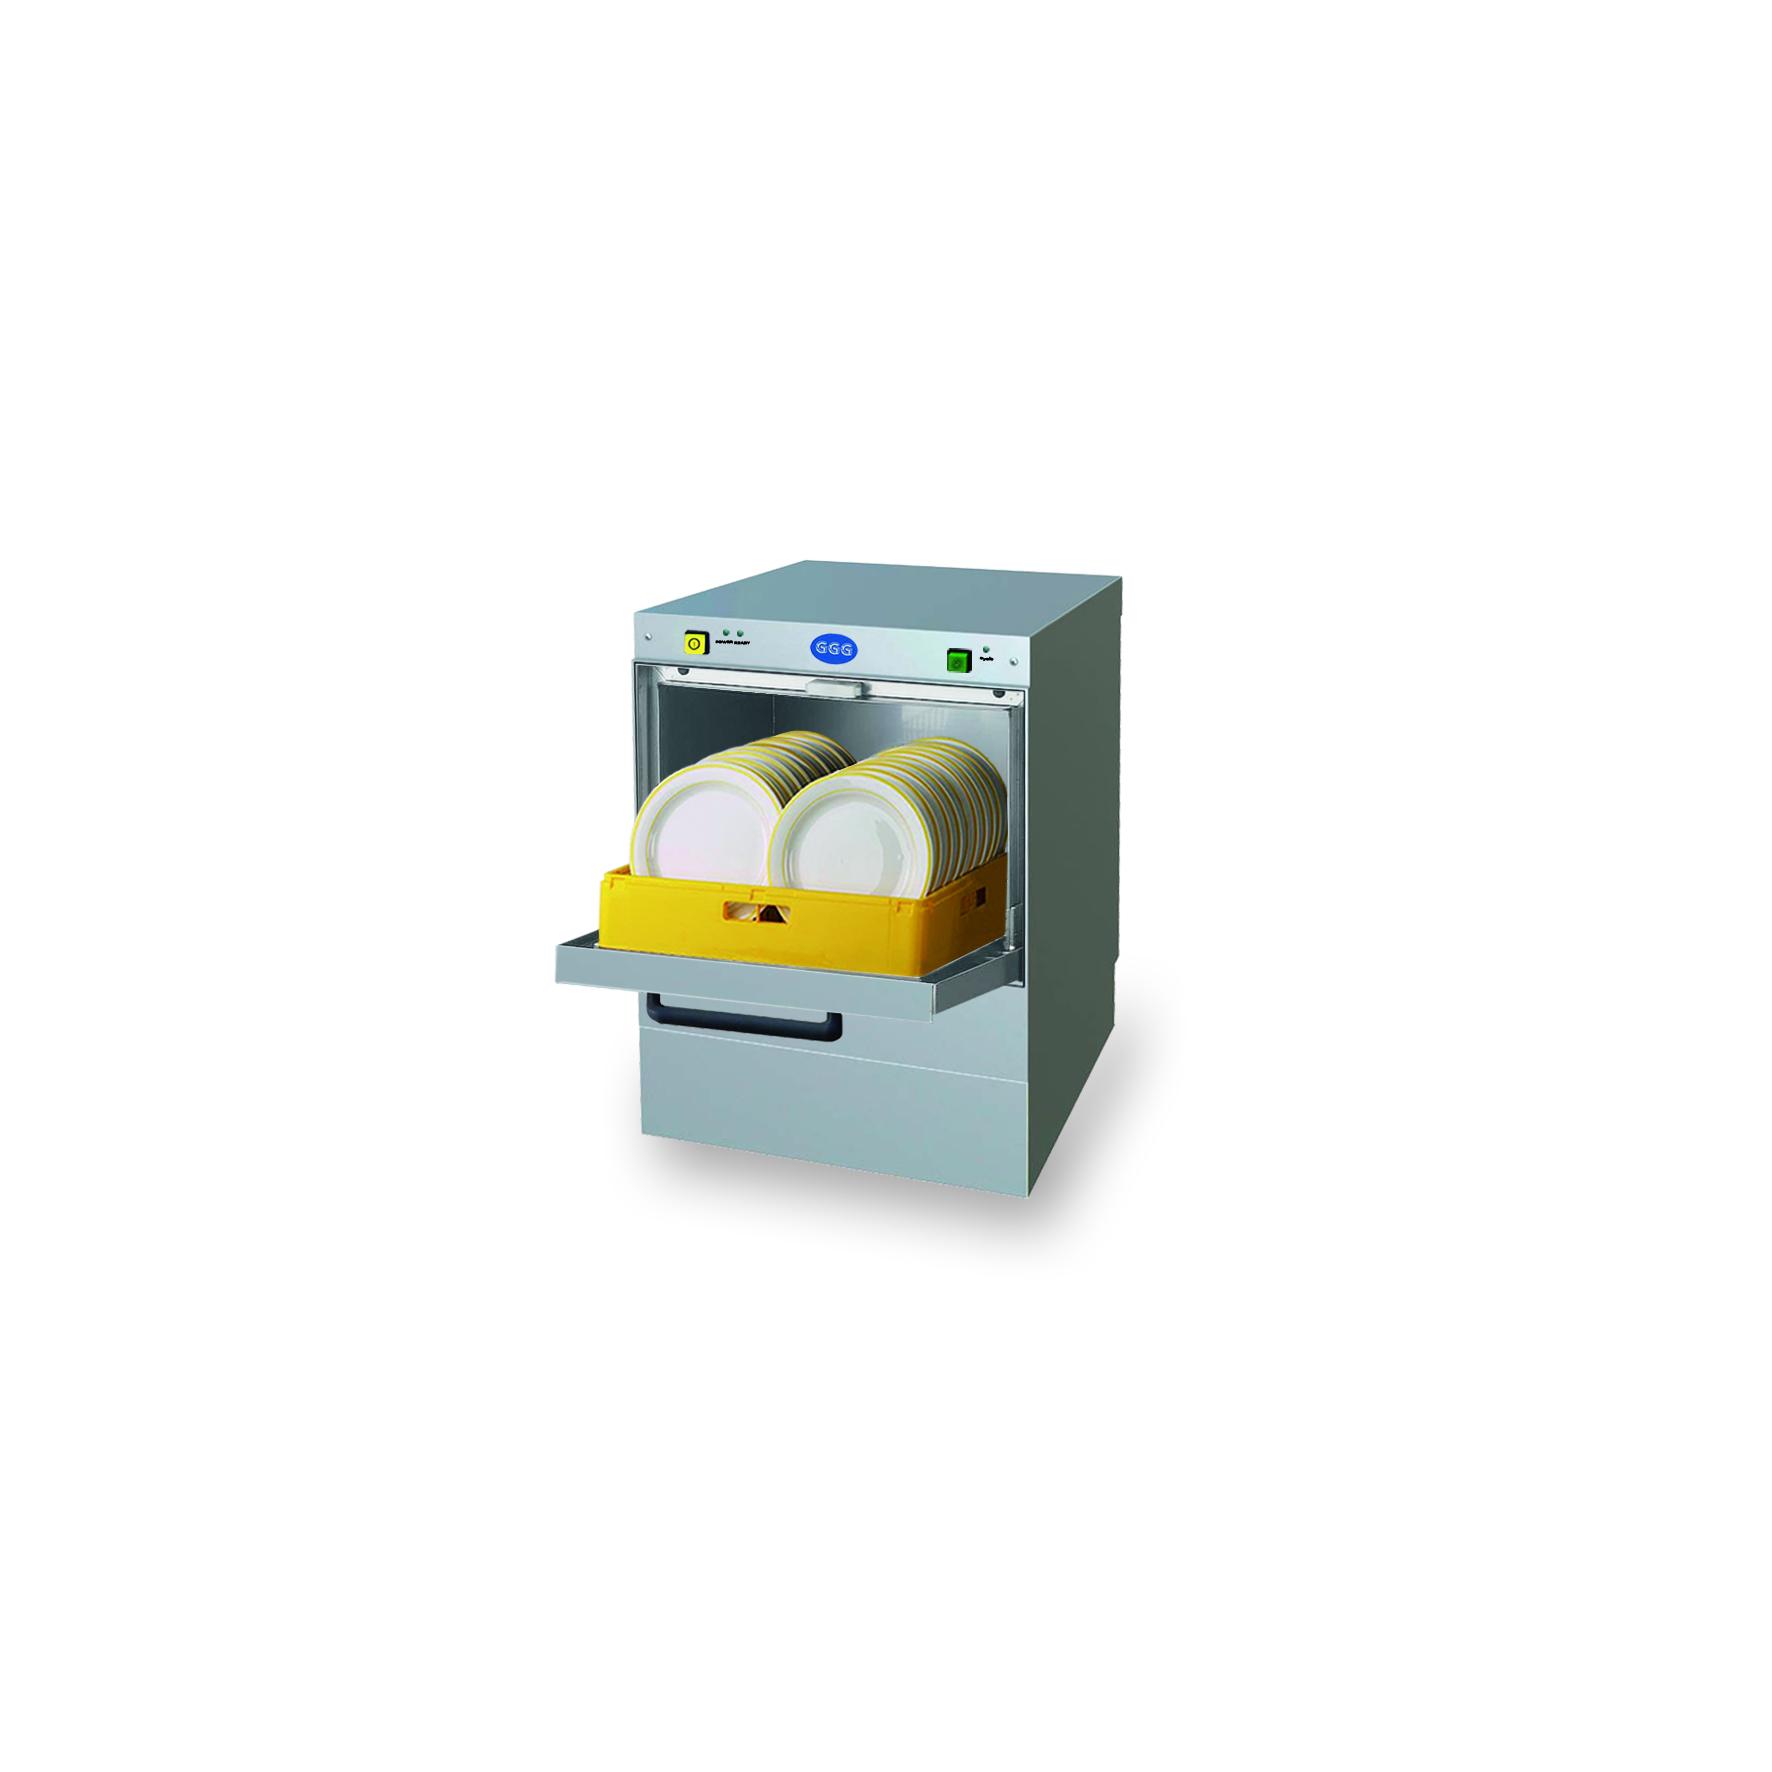 Inlustrius shop lave vaisselle professionnel avec pompe de vidange - Nettoyer pompe lave vaisselle ...